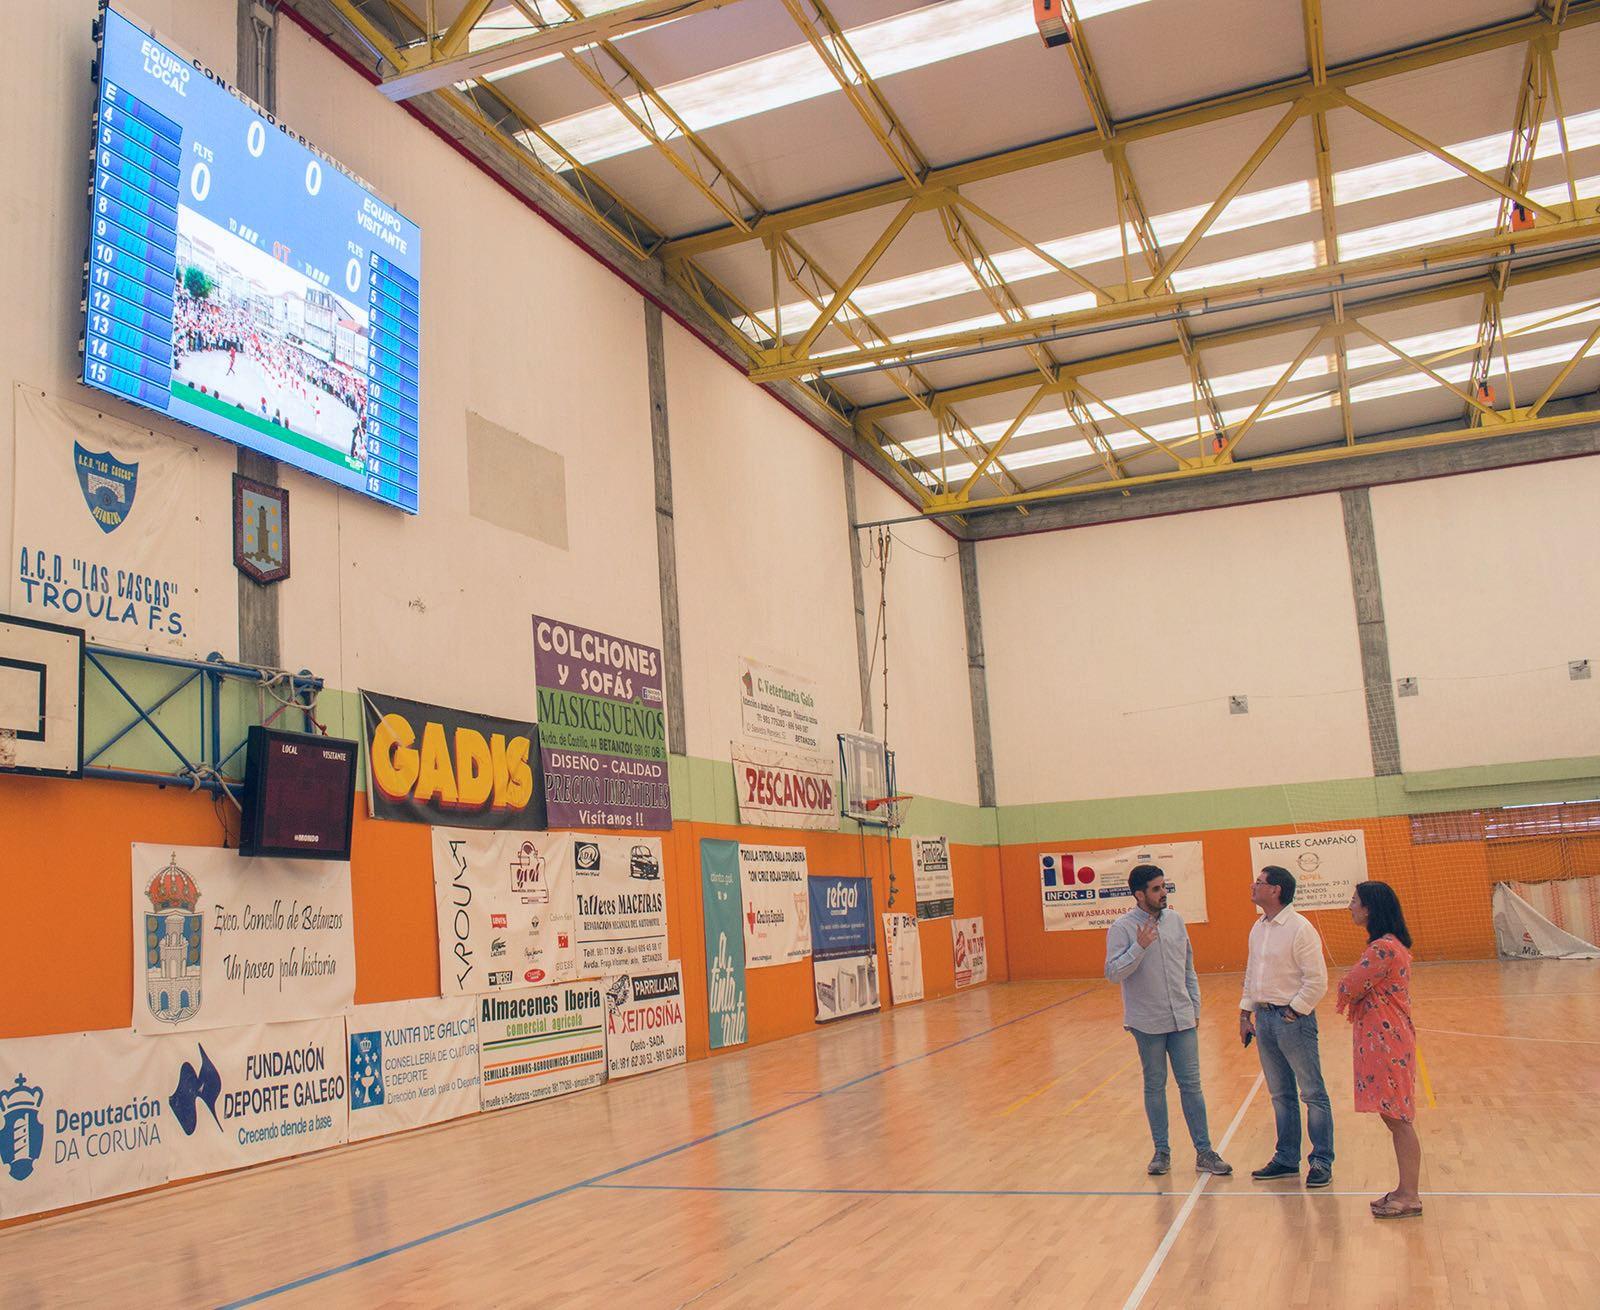 La alcaldesa y varios concejales de Betanzos conocieron en persona todo el potencial de la nueva pantalla led del pabellón O Carregal.